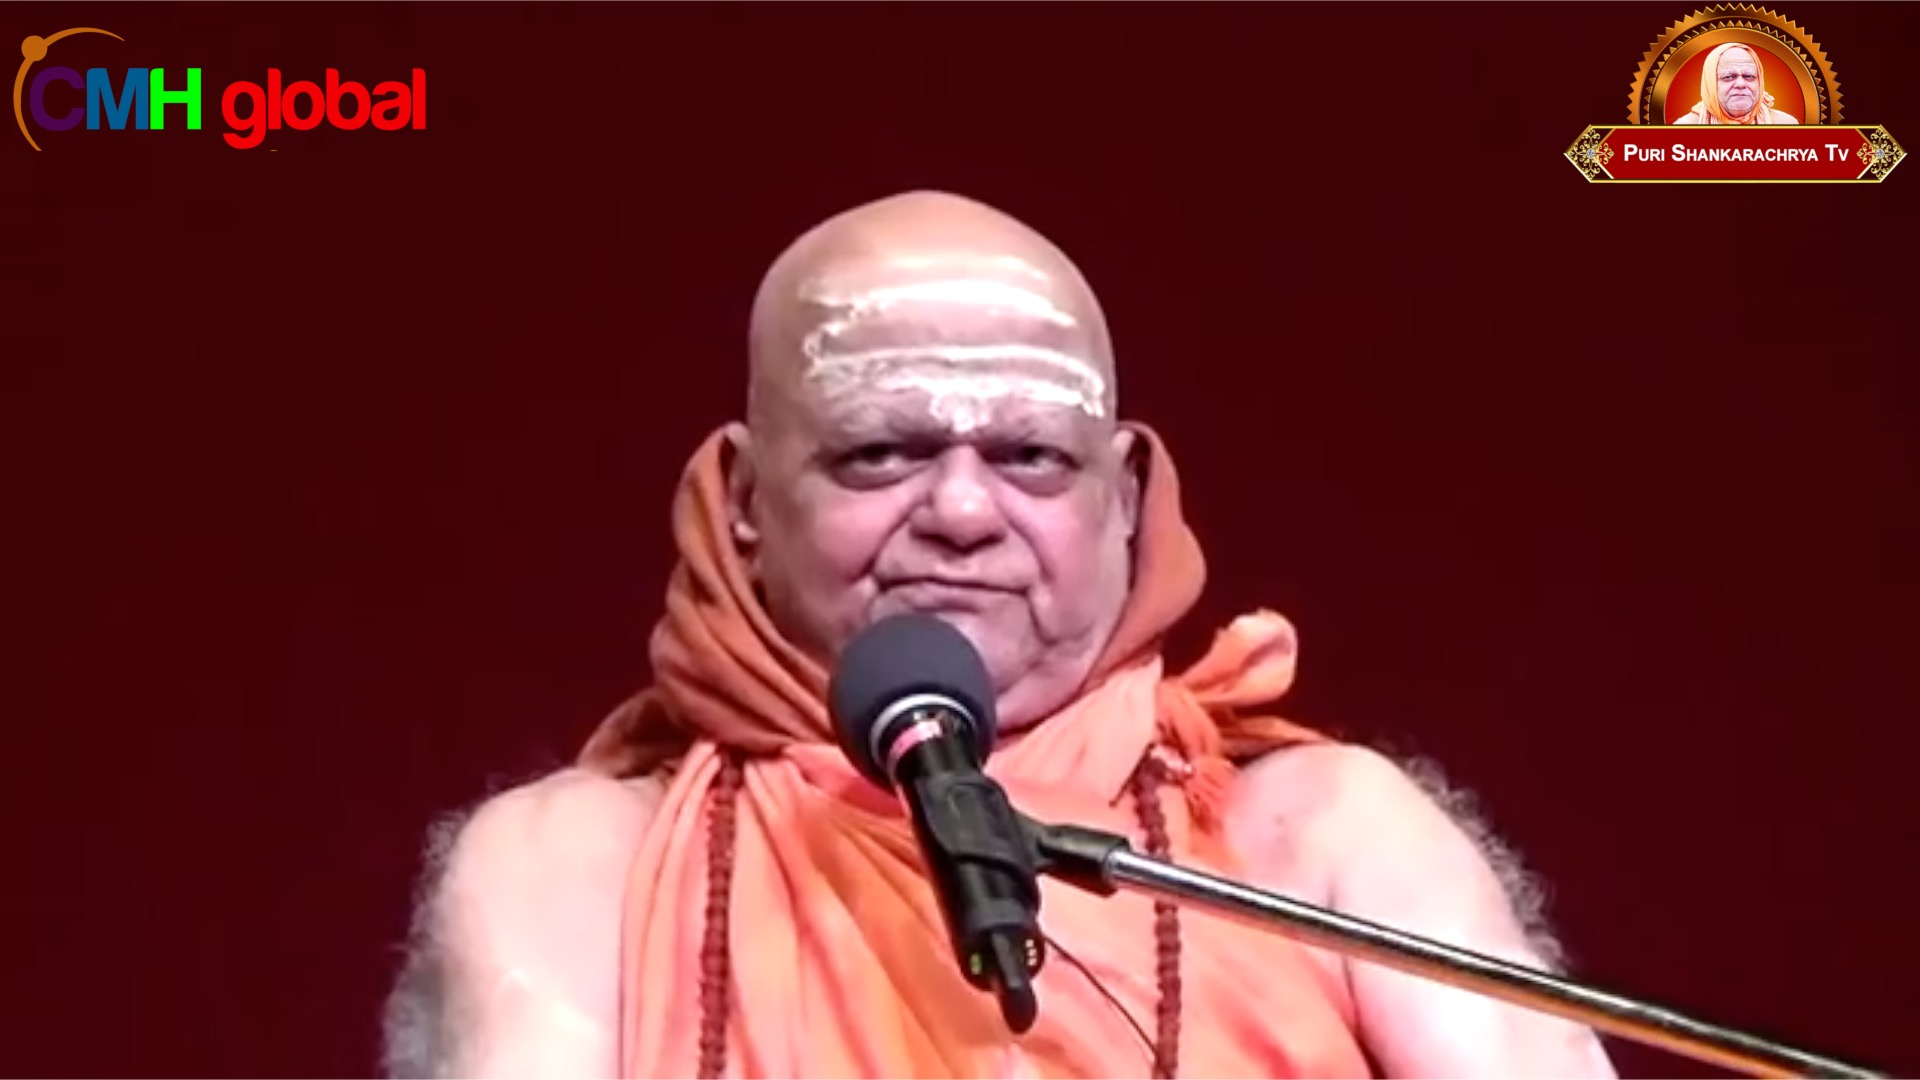 Gyan Dhara Ep -28 by Puri Shankaracharya Swami Nishchalananda Saraswati Ji